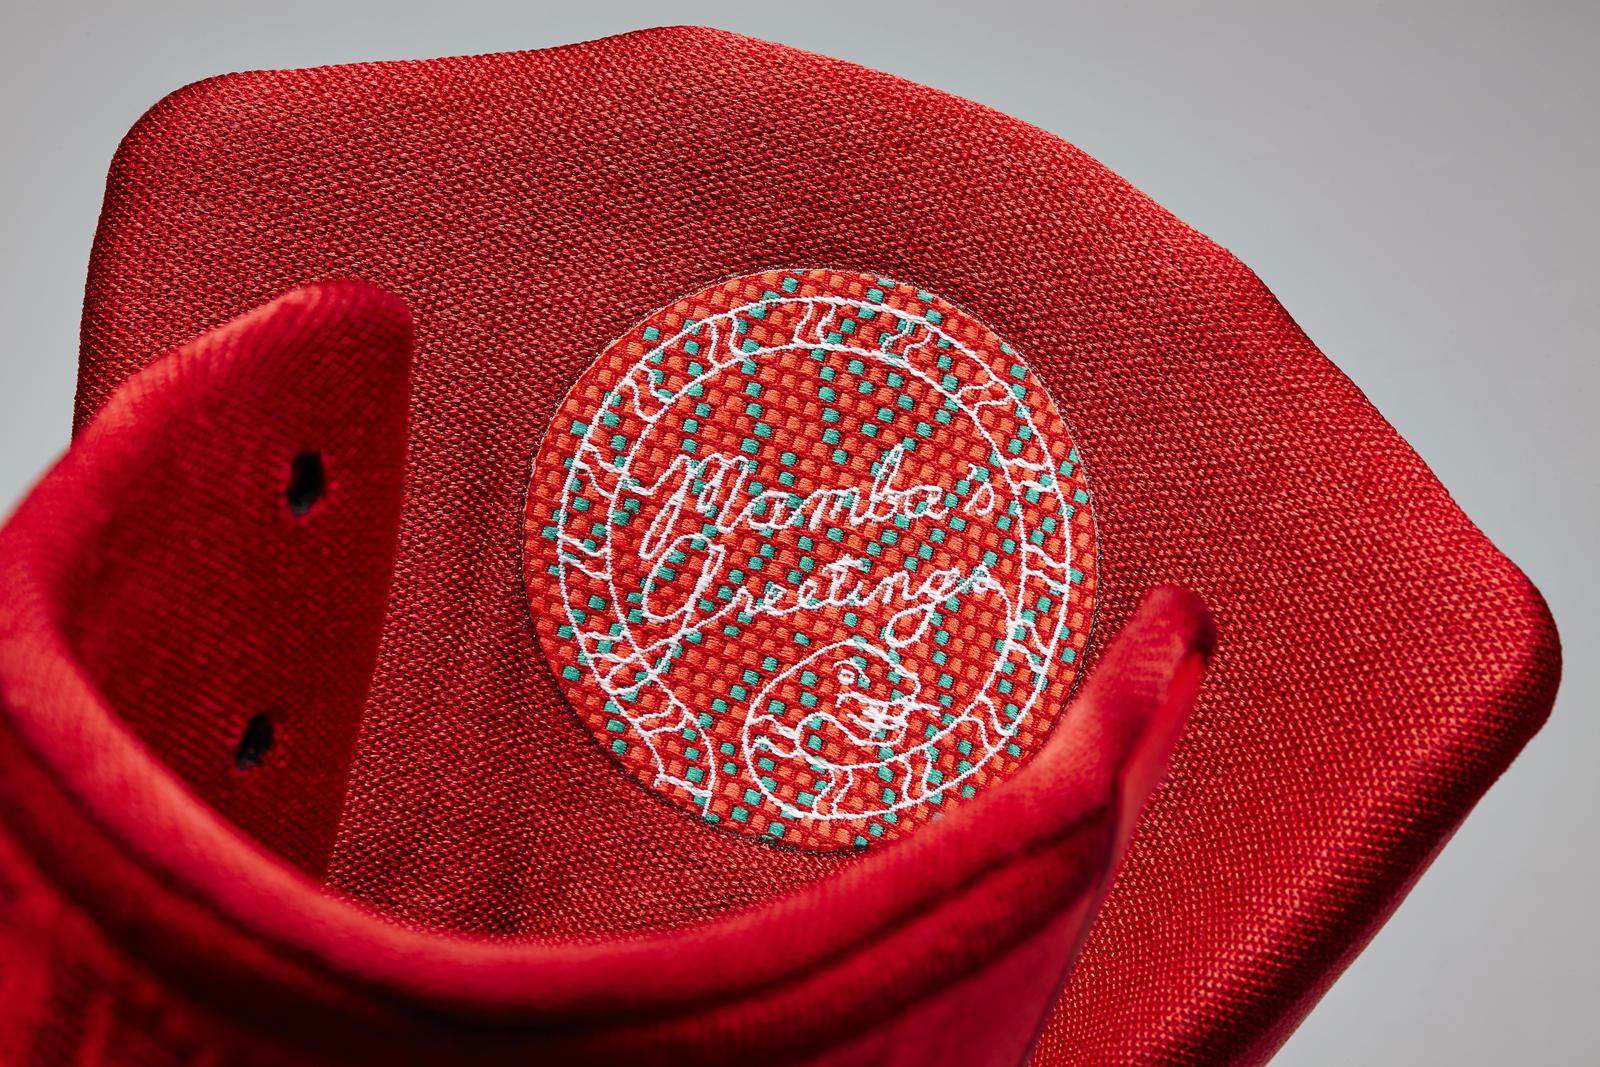 new style 52ef4 963ea Nike Kobe 9 Elite  Knit Stocking